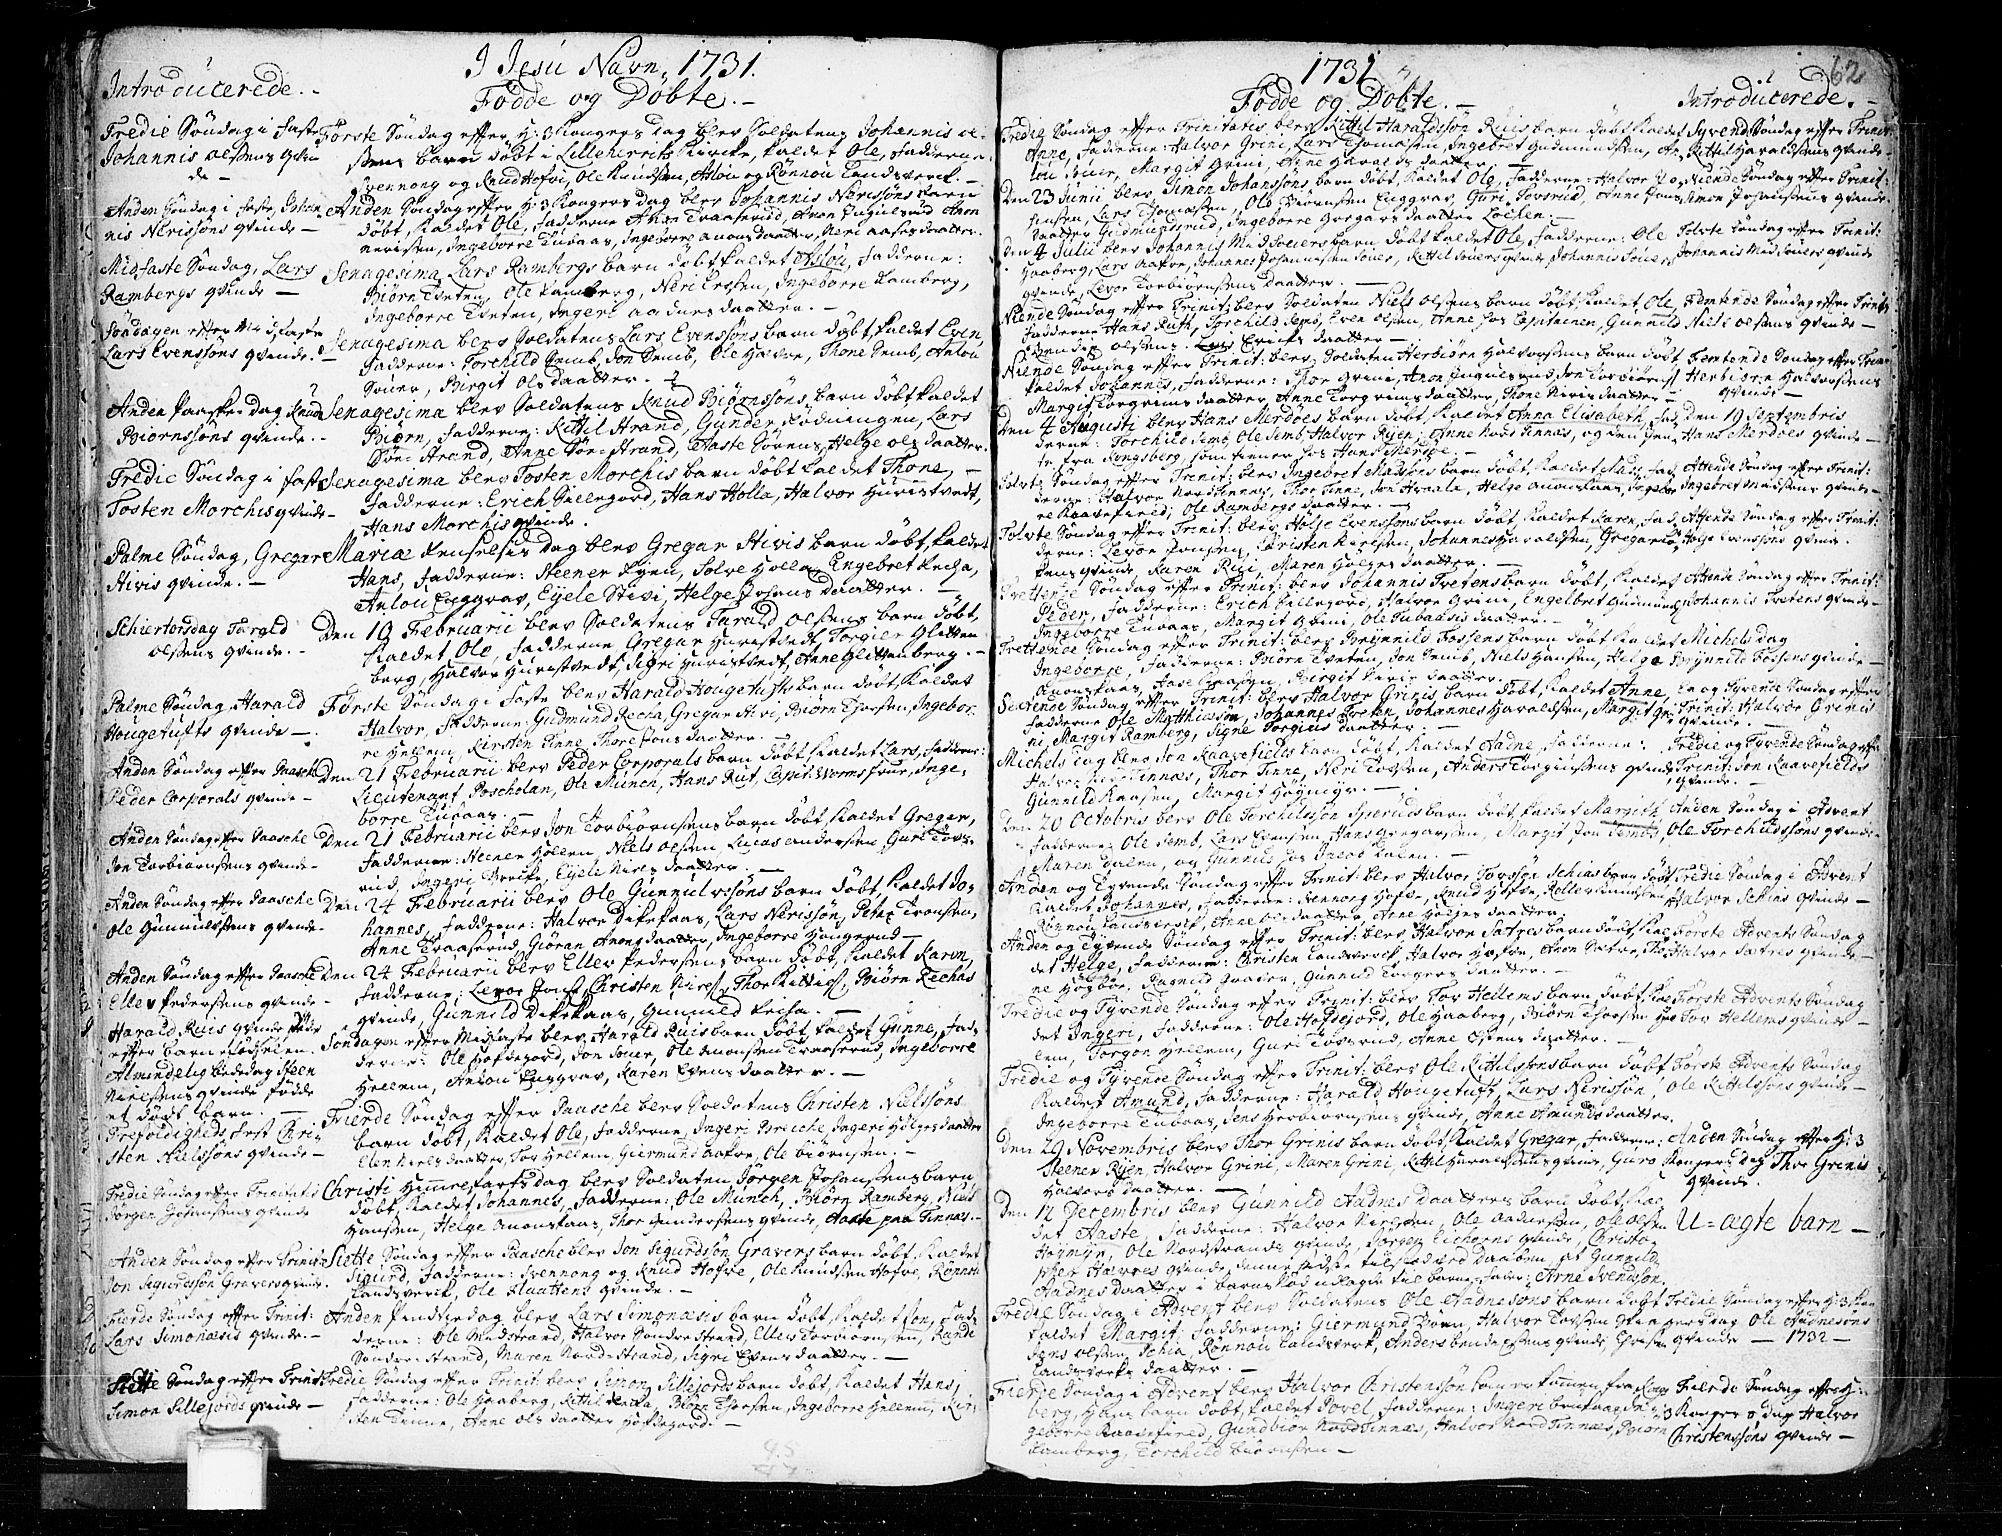 SAKO, Heddal kirkebøker, F/Fa/L0003: Ministerialbok nr. I 3, 1723-1783, s. 62